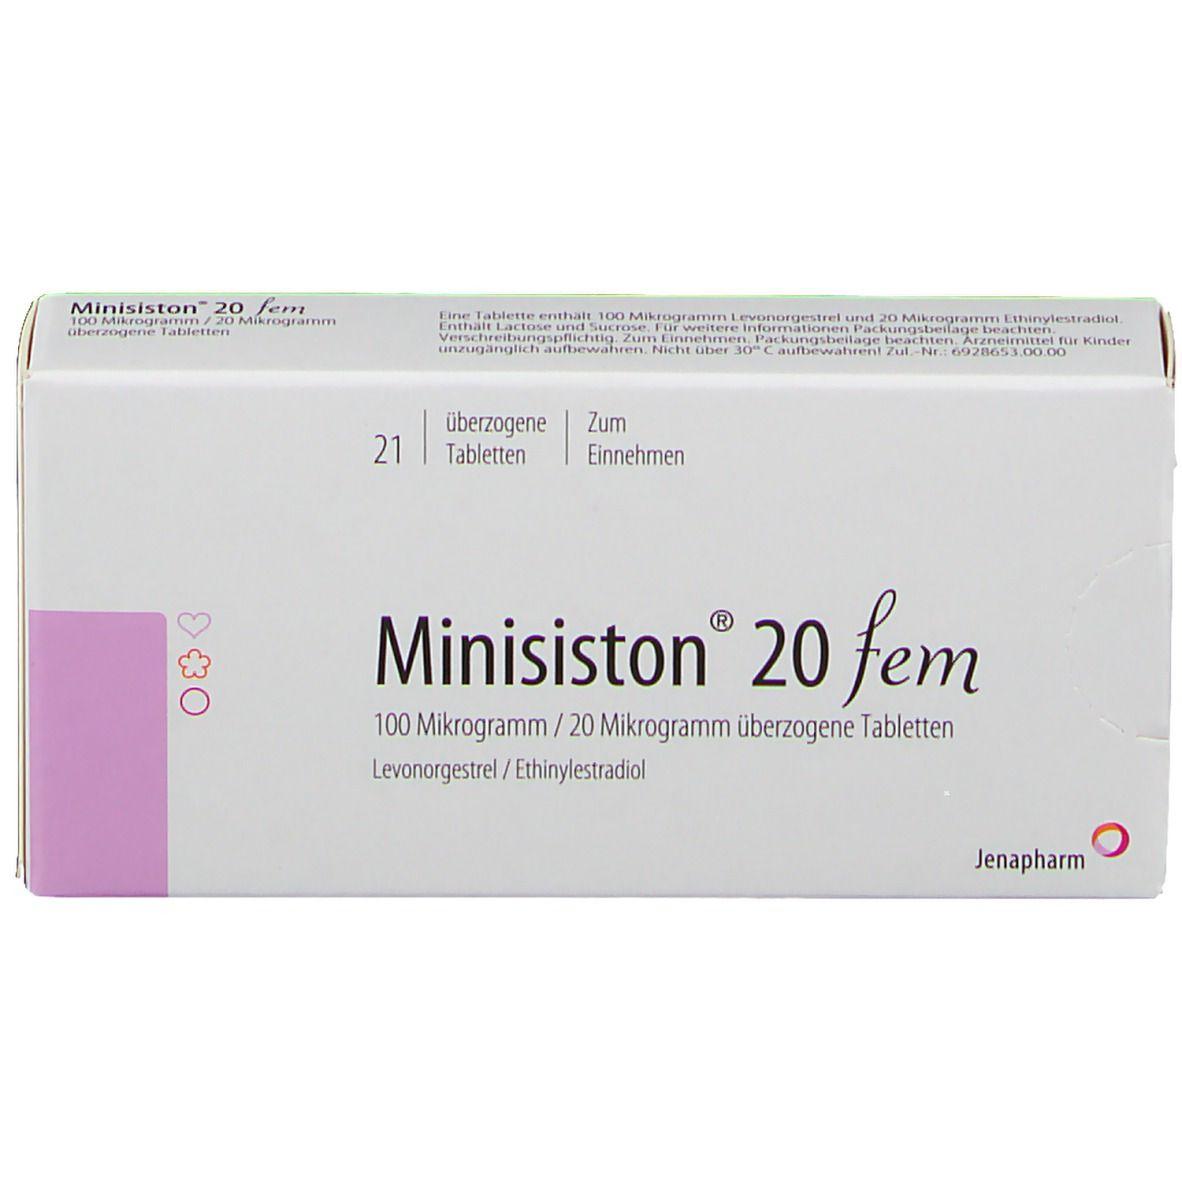 Pille minisiston 20 fem